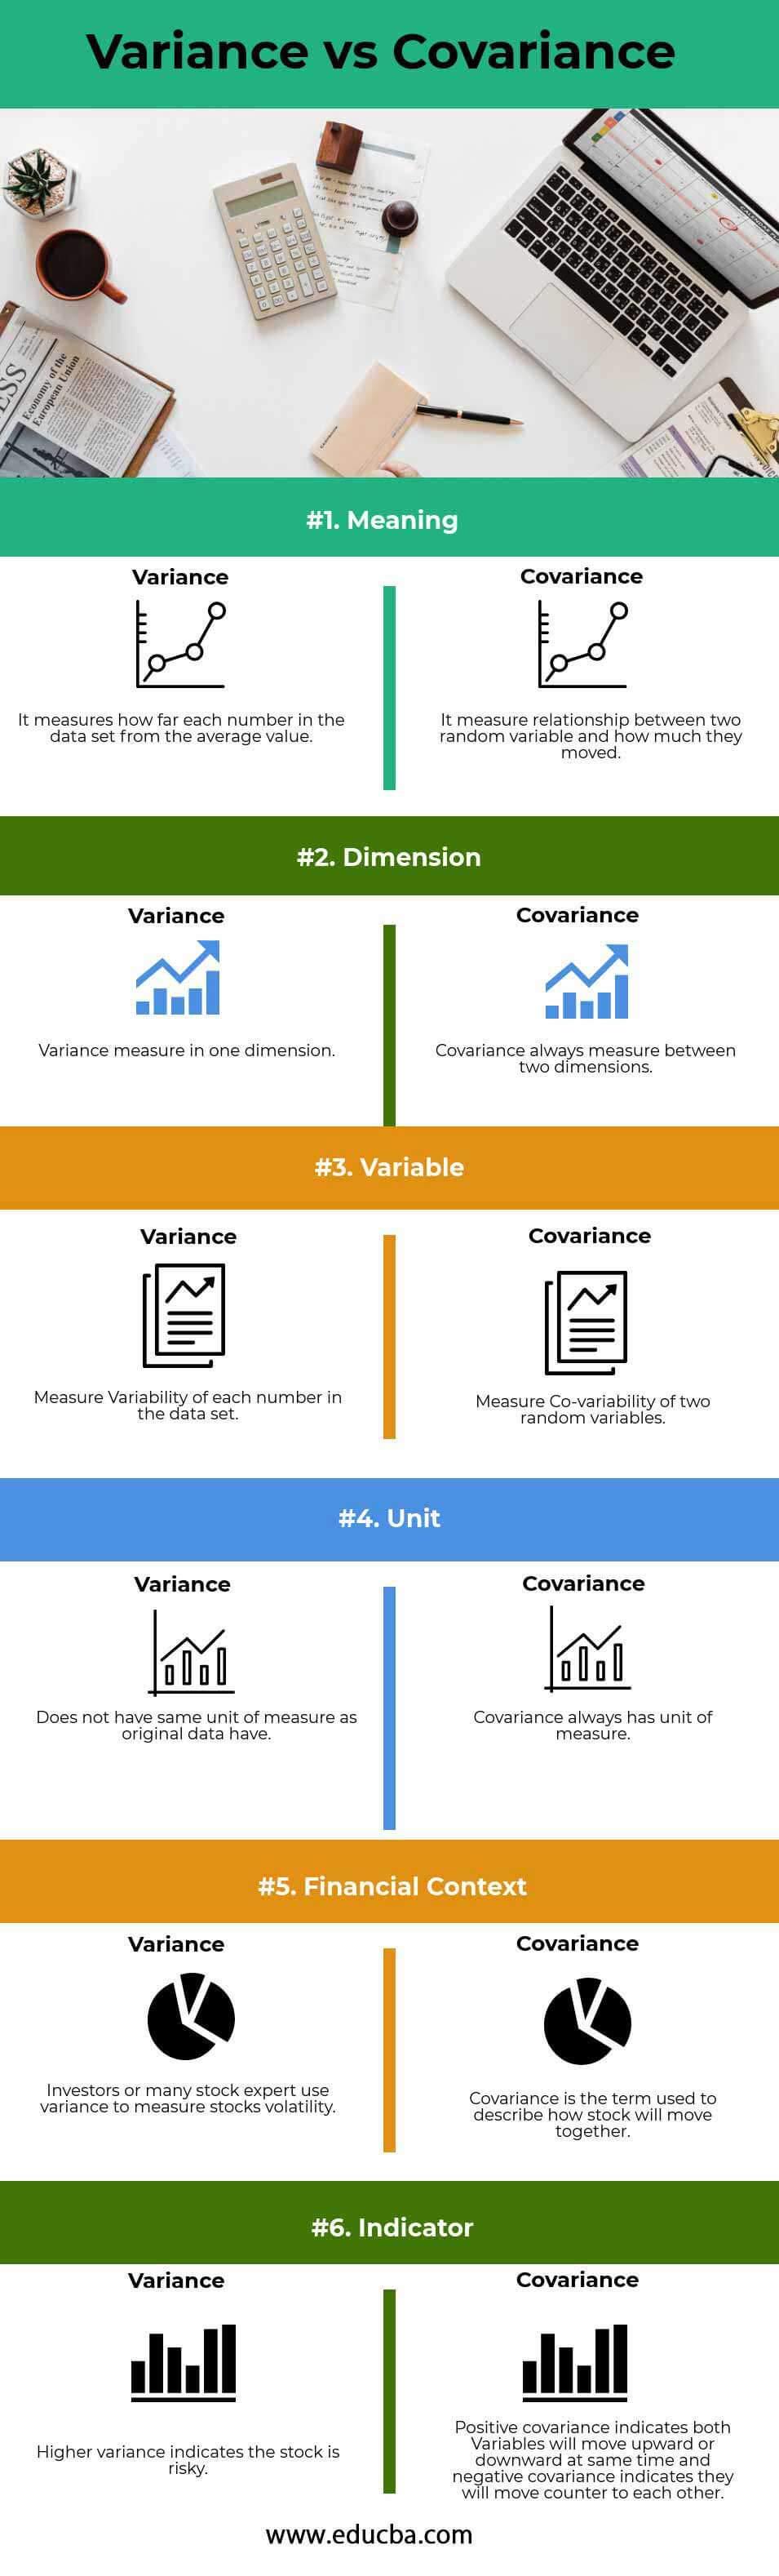 Variance vs Covariance info